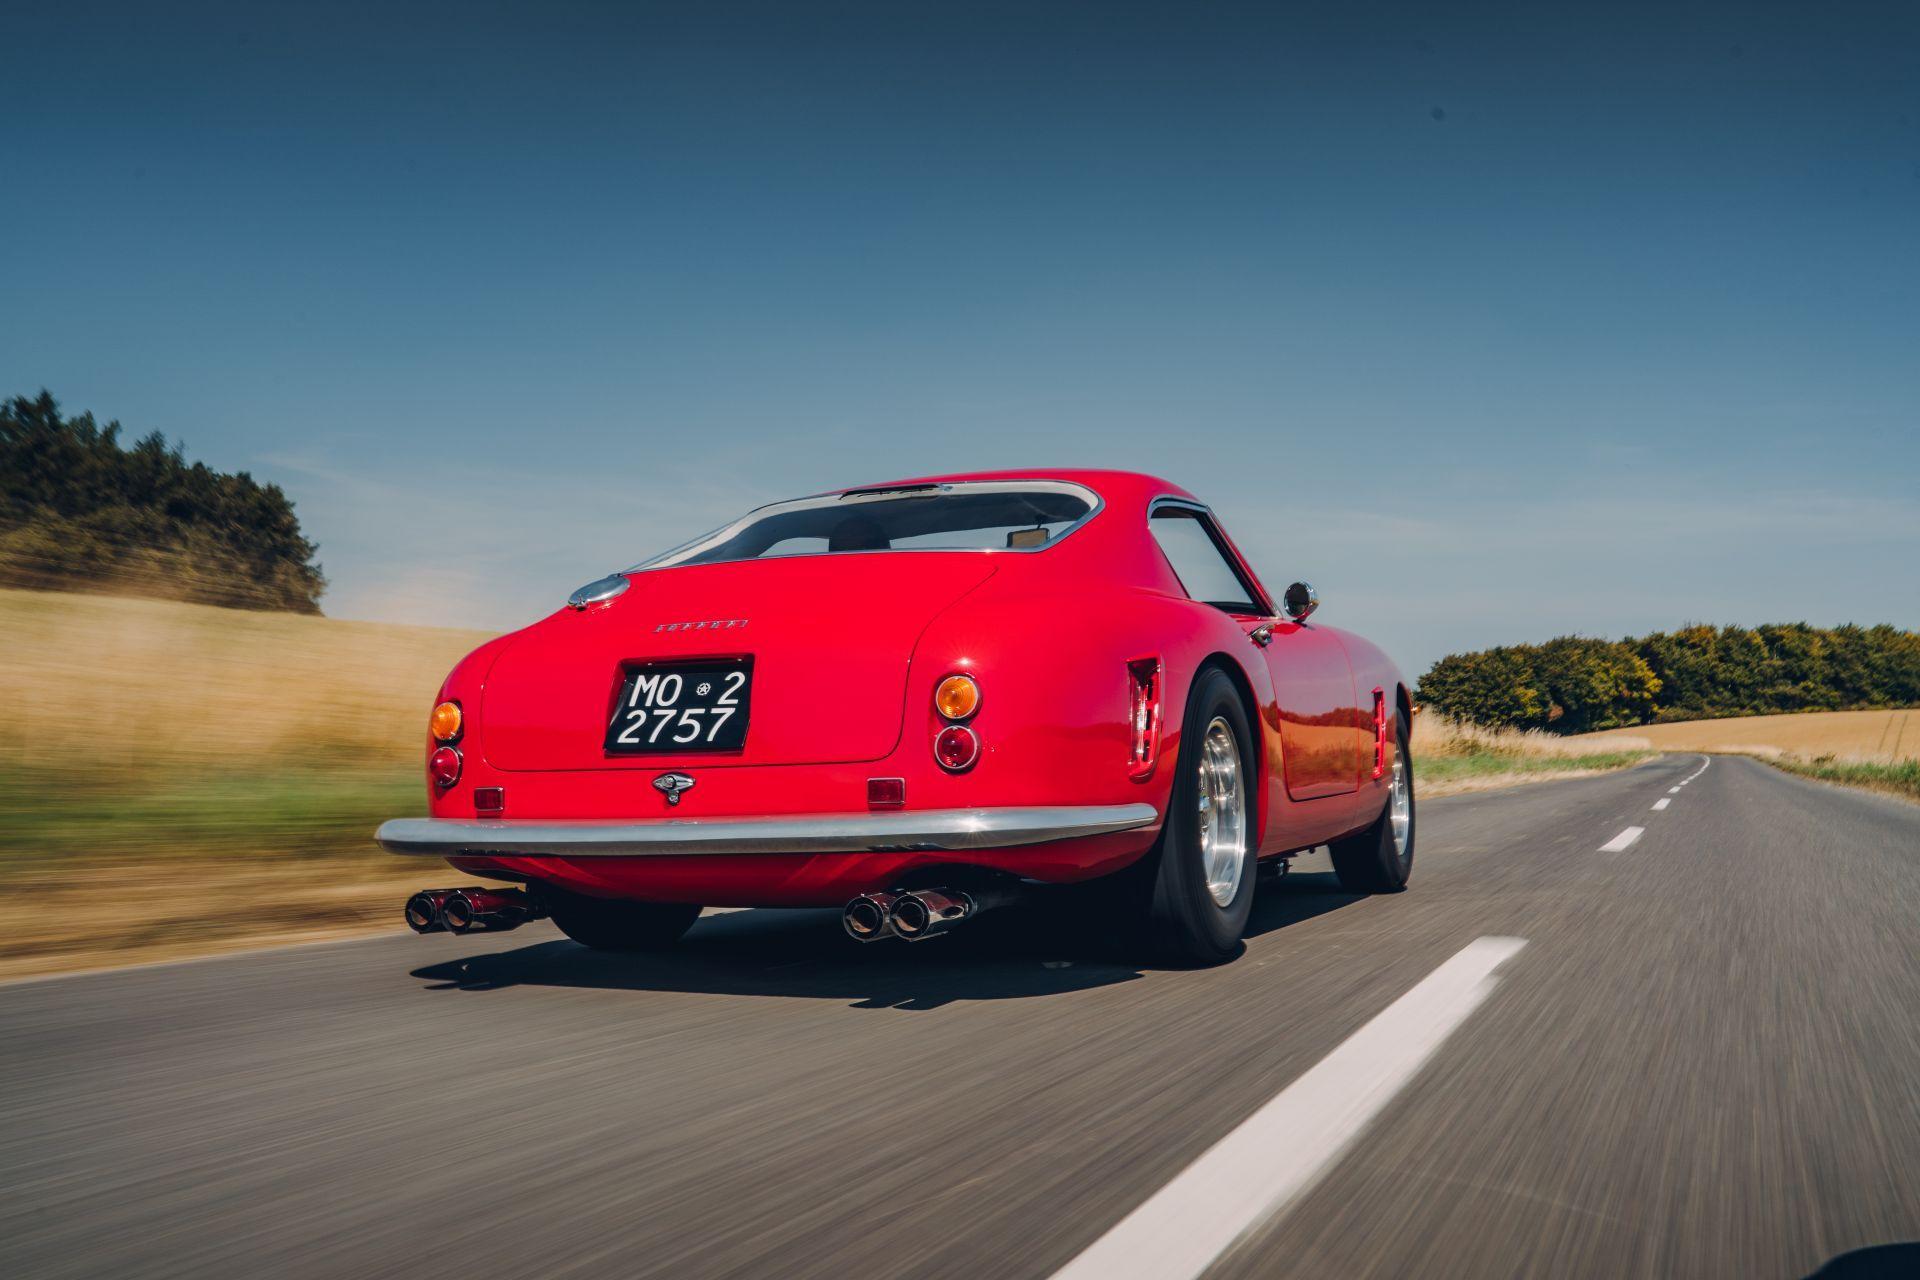 Ferrari-250-GT-SWB-Berlinetta-Competizione-Revival-by-GTO-Engineering-18